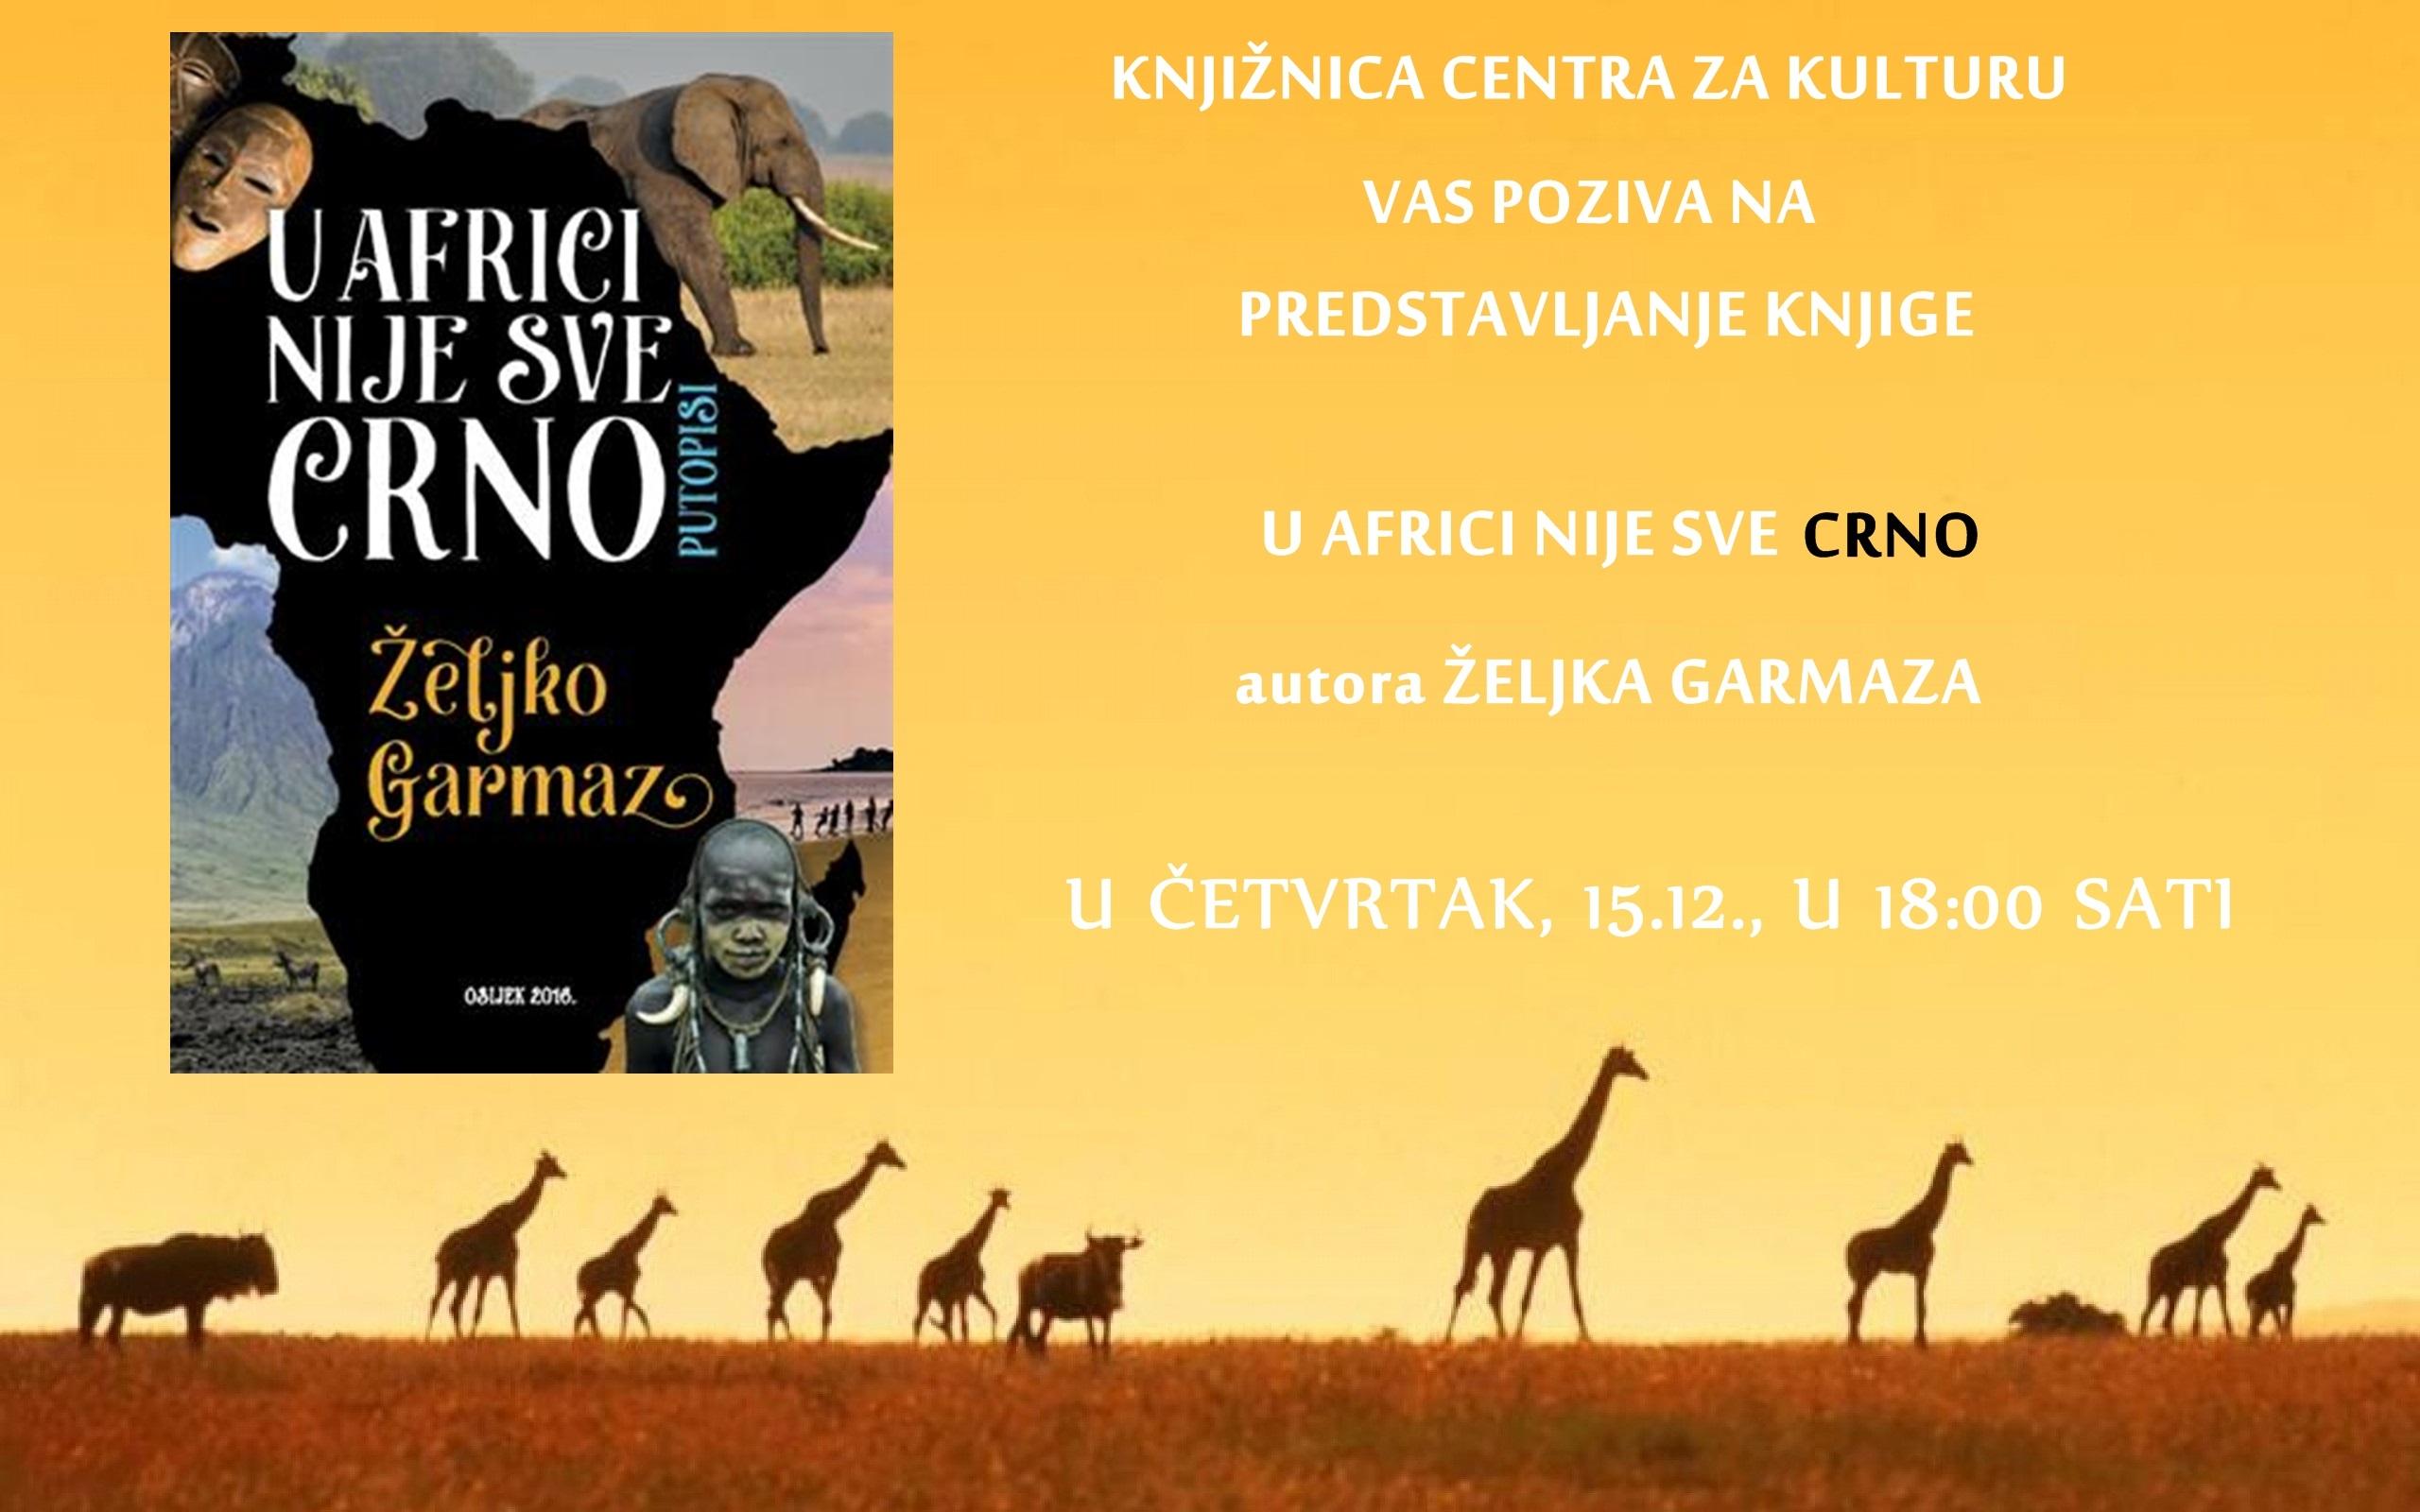 """<p><strong>Predstavljanje knjige <em>'U Africi nije sve crno</em></strong>"""" <strong>Osječanina Željka Garmaza, </strong>održat će se<strong> u Knjižnici Centra za kulturu Čepin, u četvrtak, 15. prosinca, u 18:00 sati</strong>. Na promociji će vas autor kroz priču o knjizi i projekcijom fotografija povesti u Afriku.</p>"""